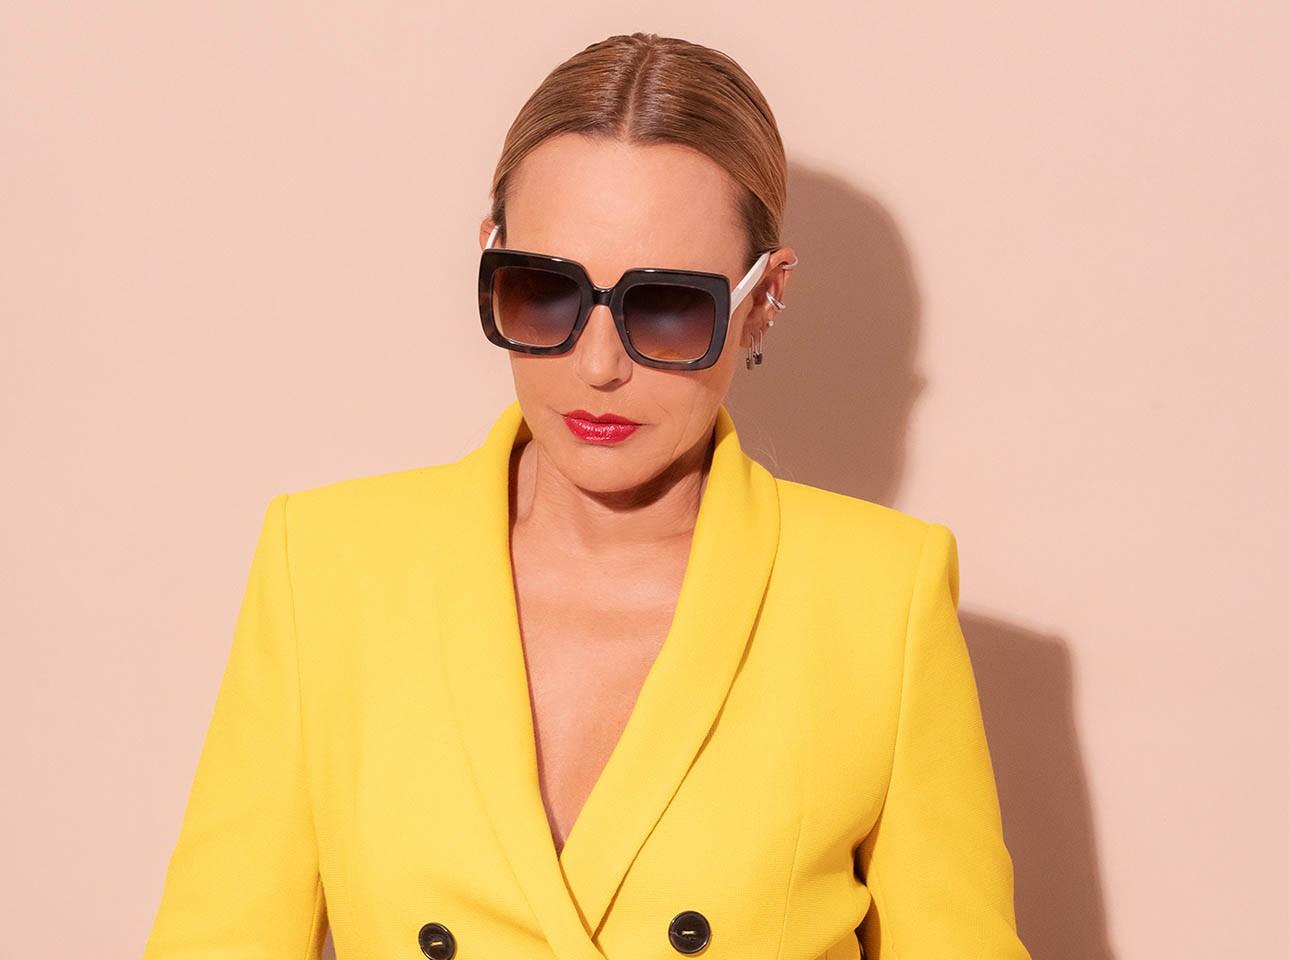 Natascha-Ochsenknecht-Sonnenbrille